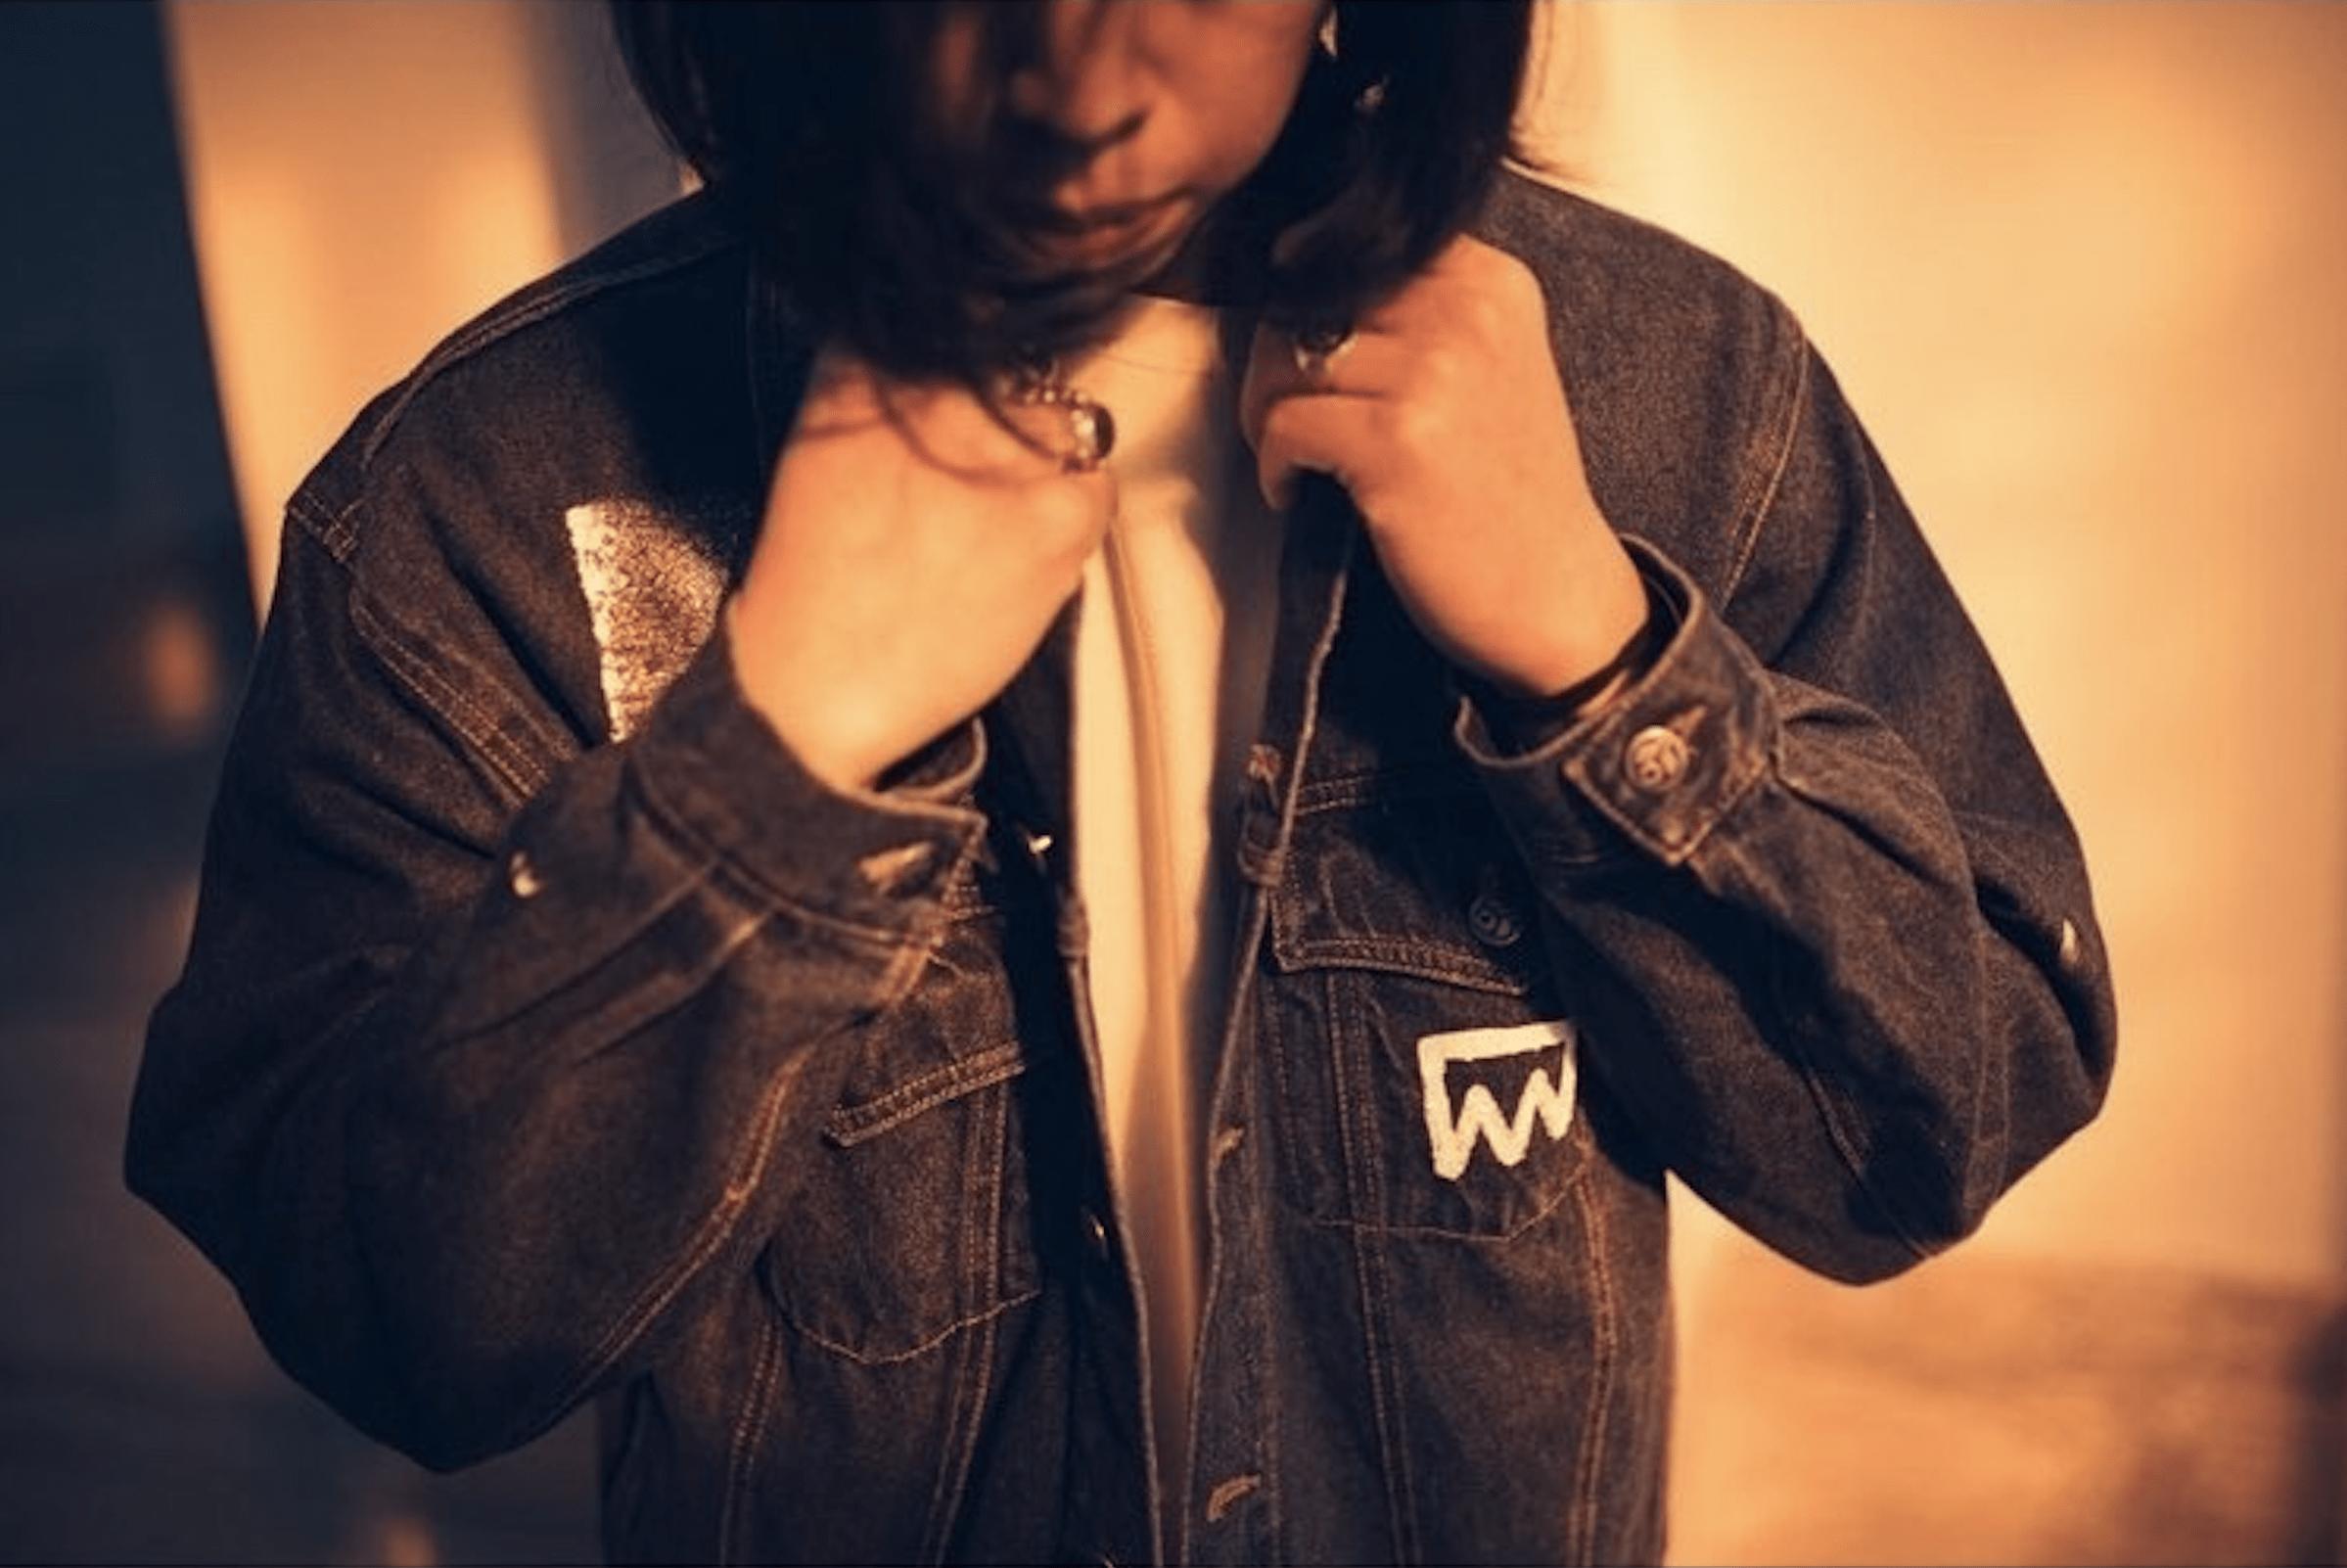 Intervista a XNOVO: tra sostenibilità e fashion art